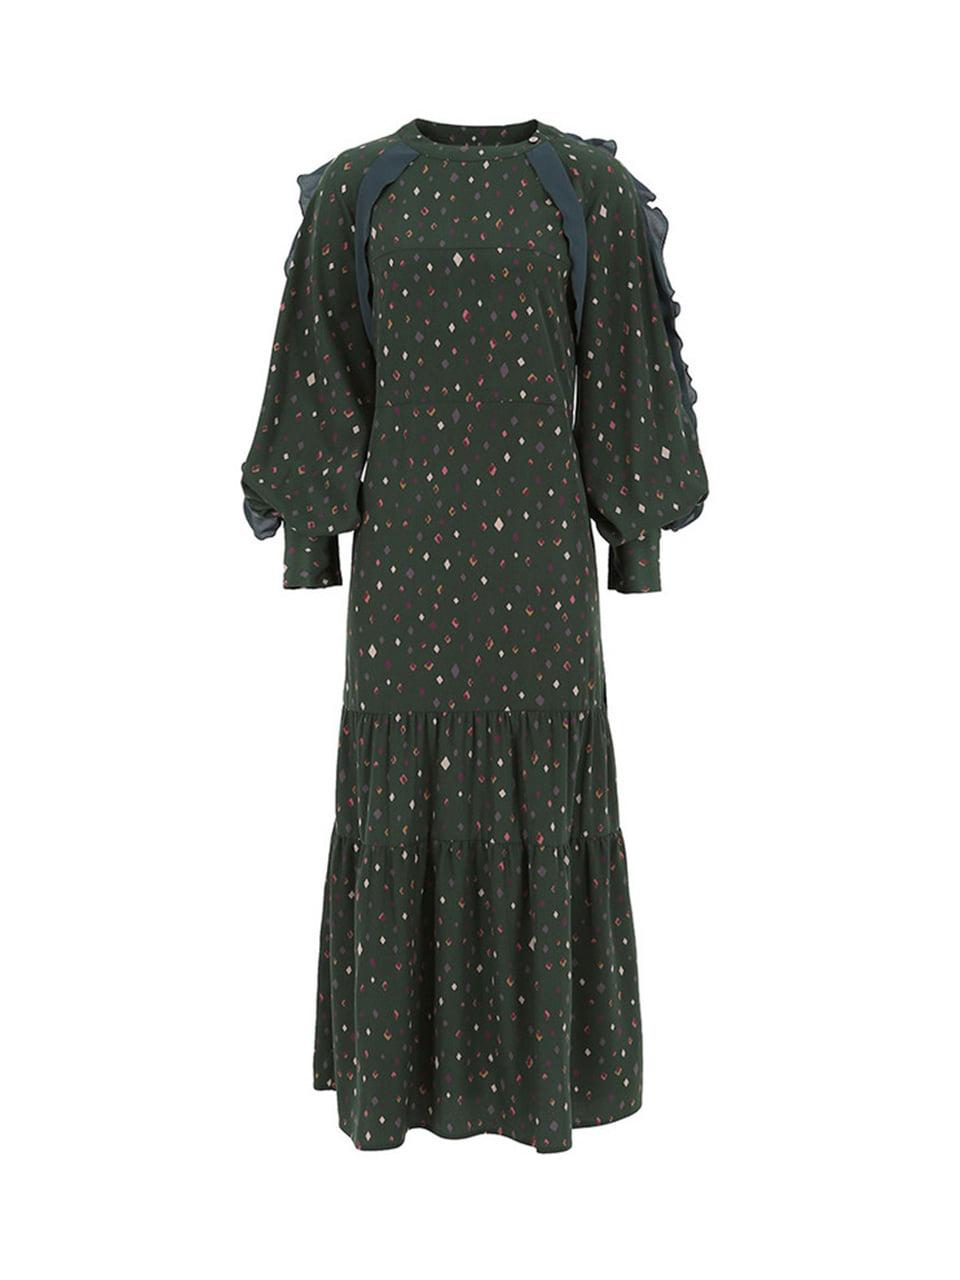 GUKA누아르 드레스